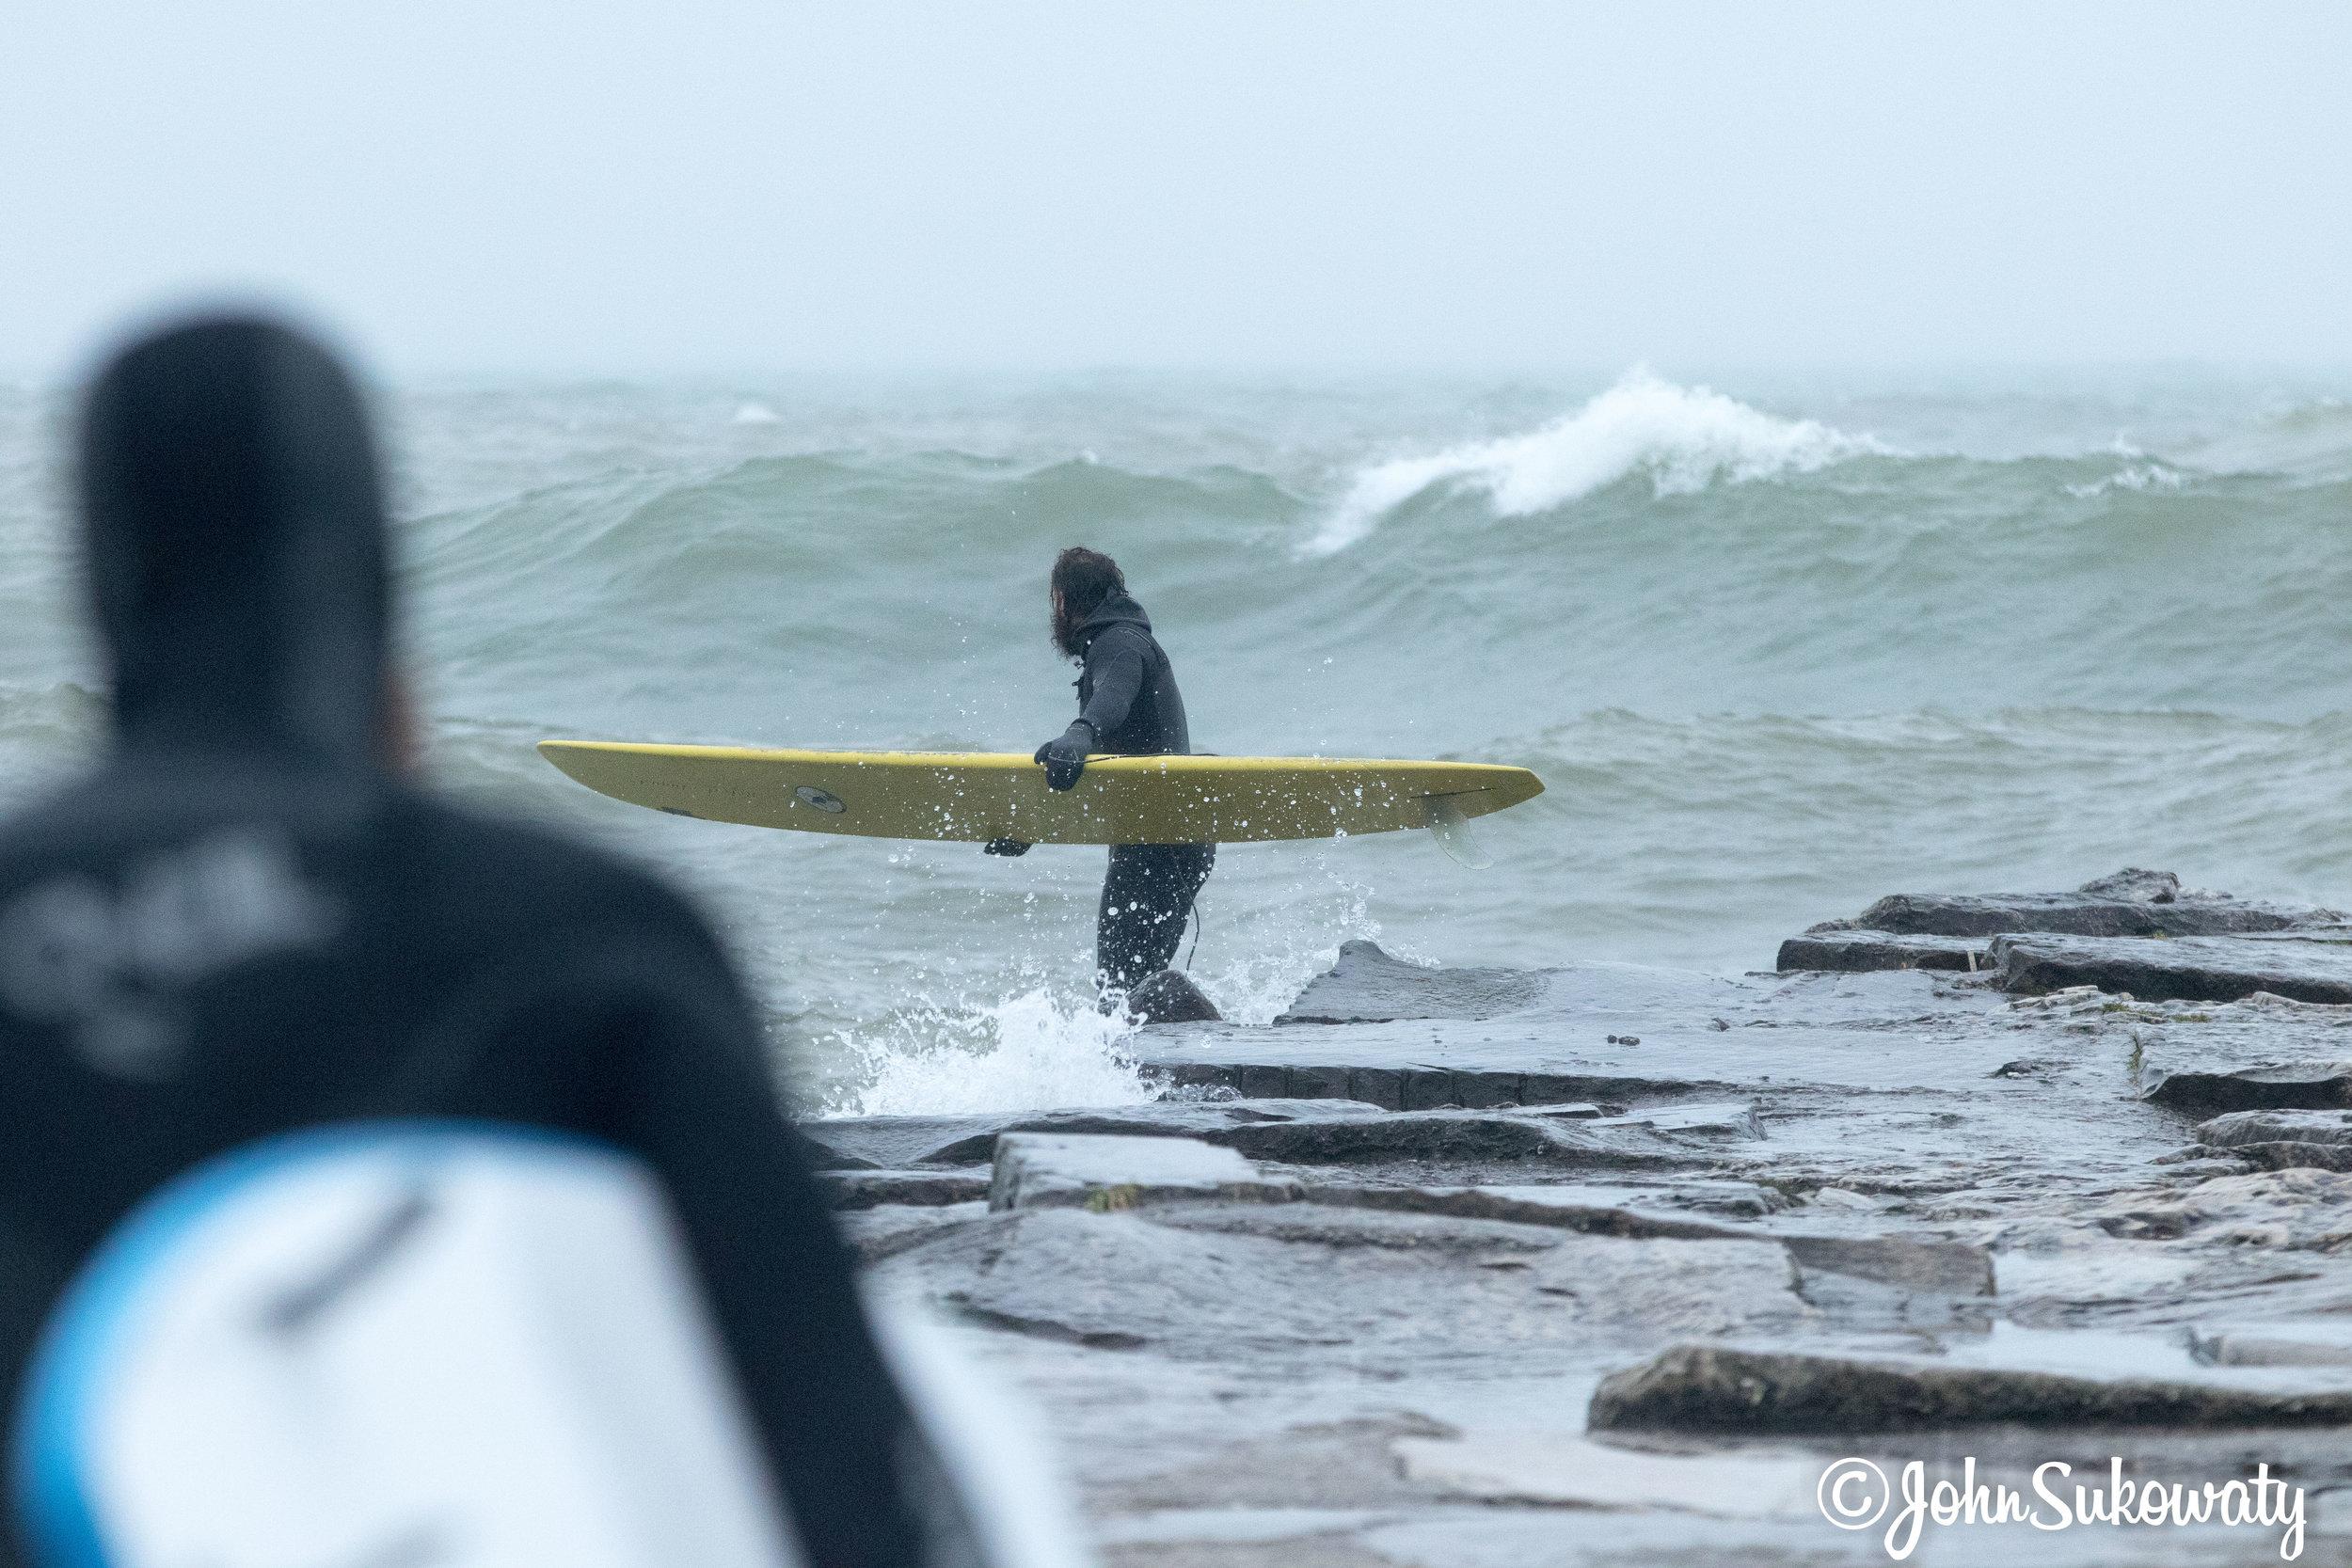 sheboygan-surfing-november-250.jpg